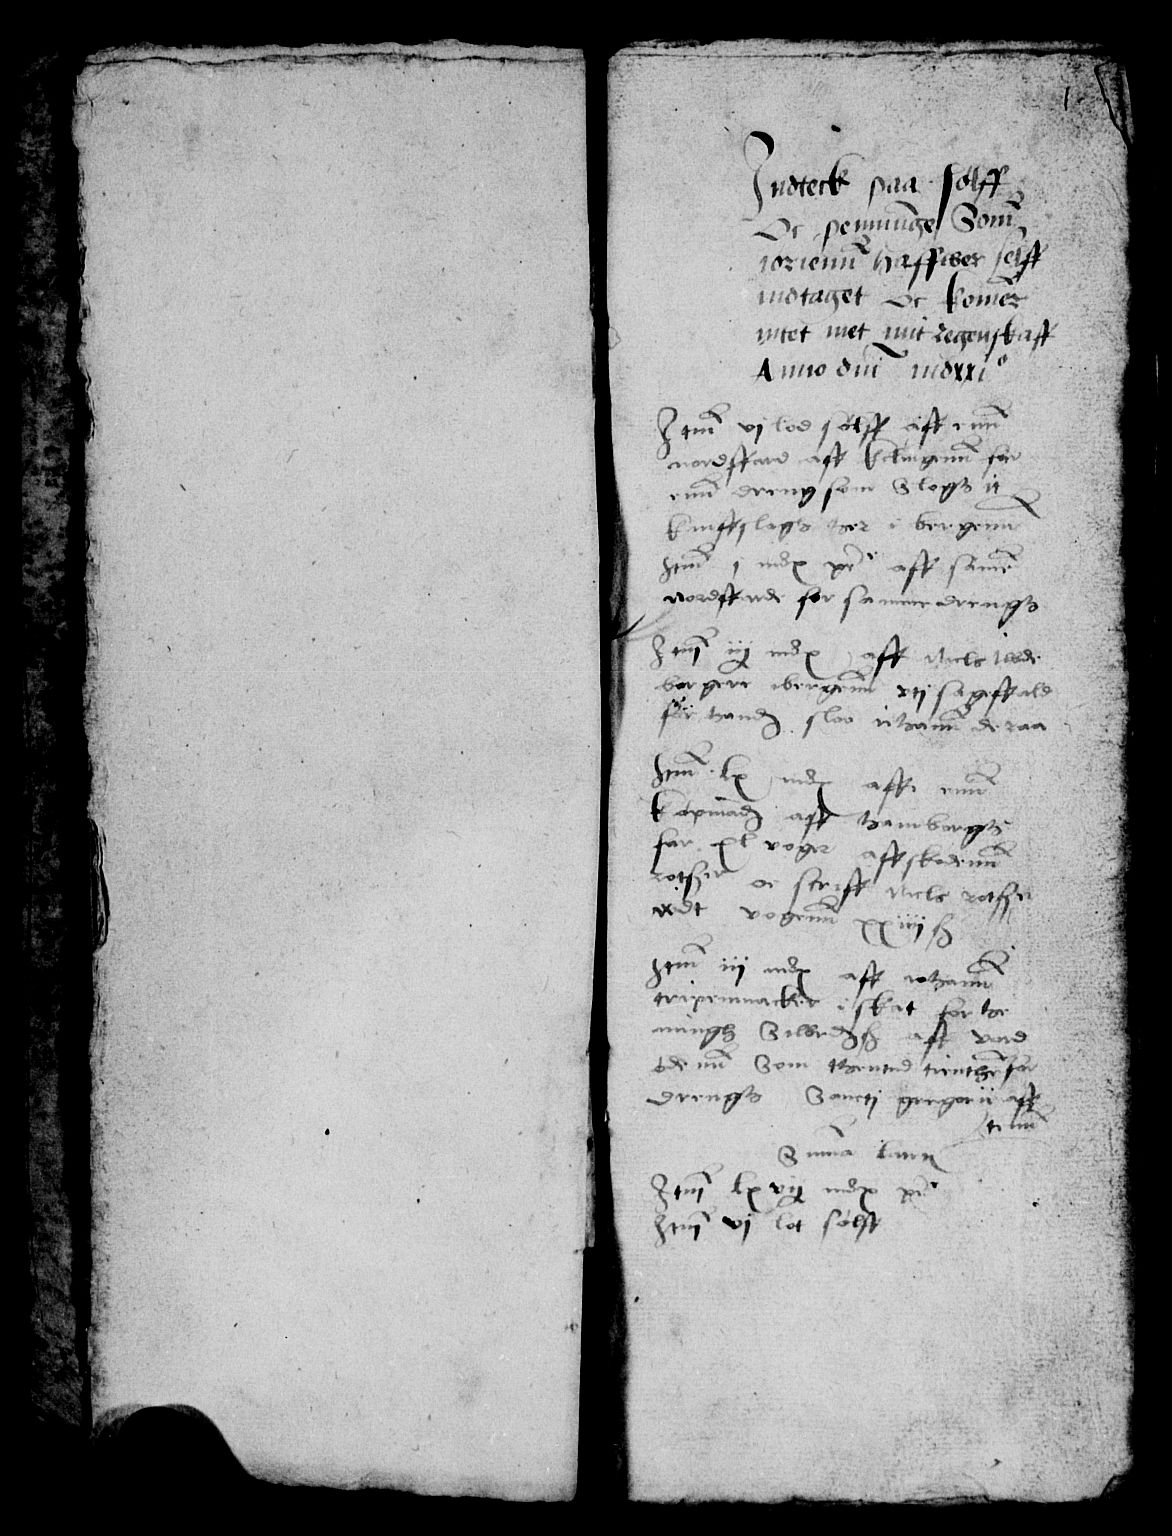 RA, Rentekammeret inntil 1814, Reviderte regnskaper, Lensregnskaper, R/Ra/L0009: Bergenhus len, 1521